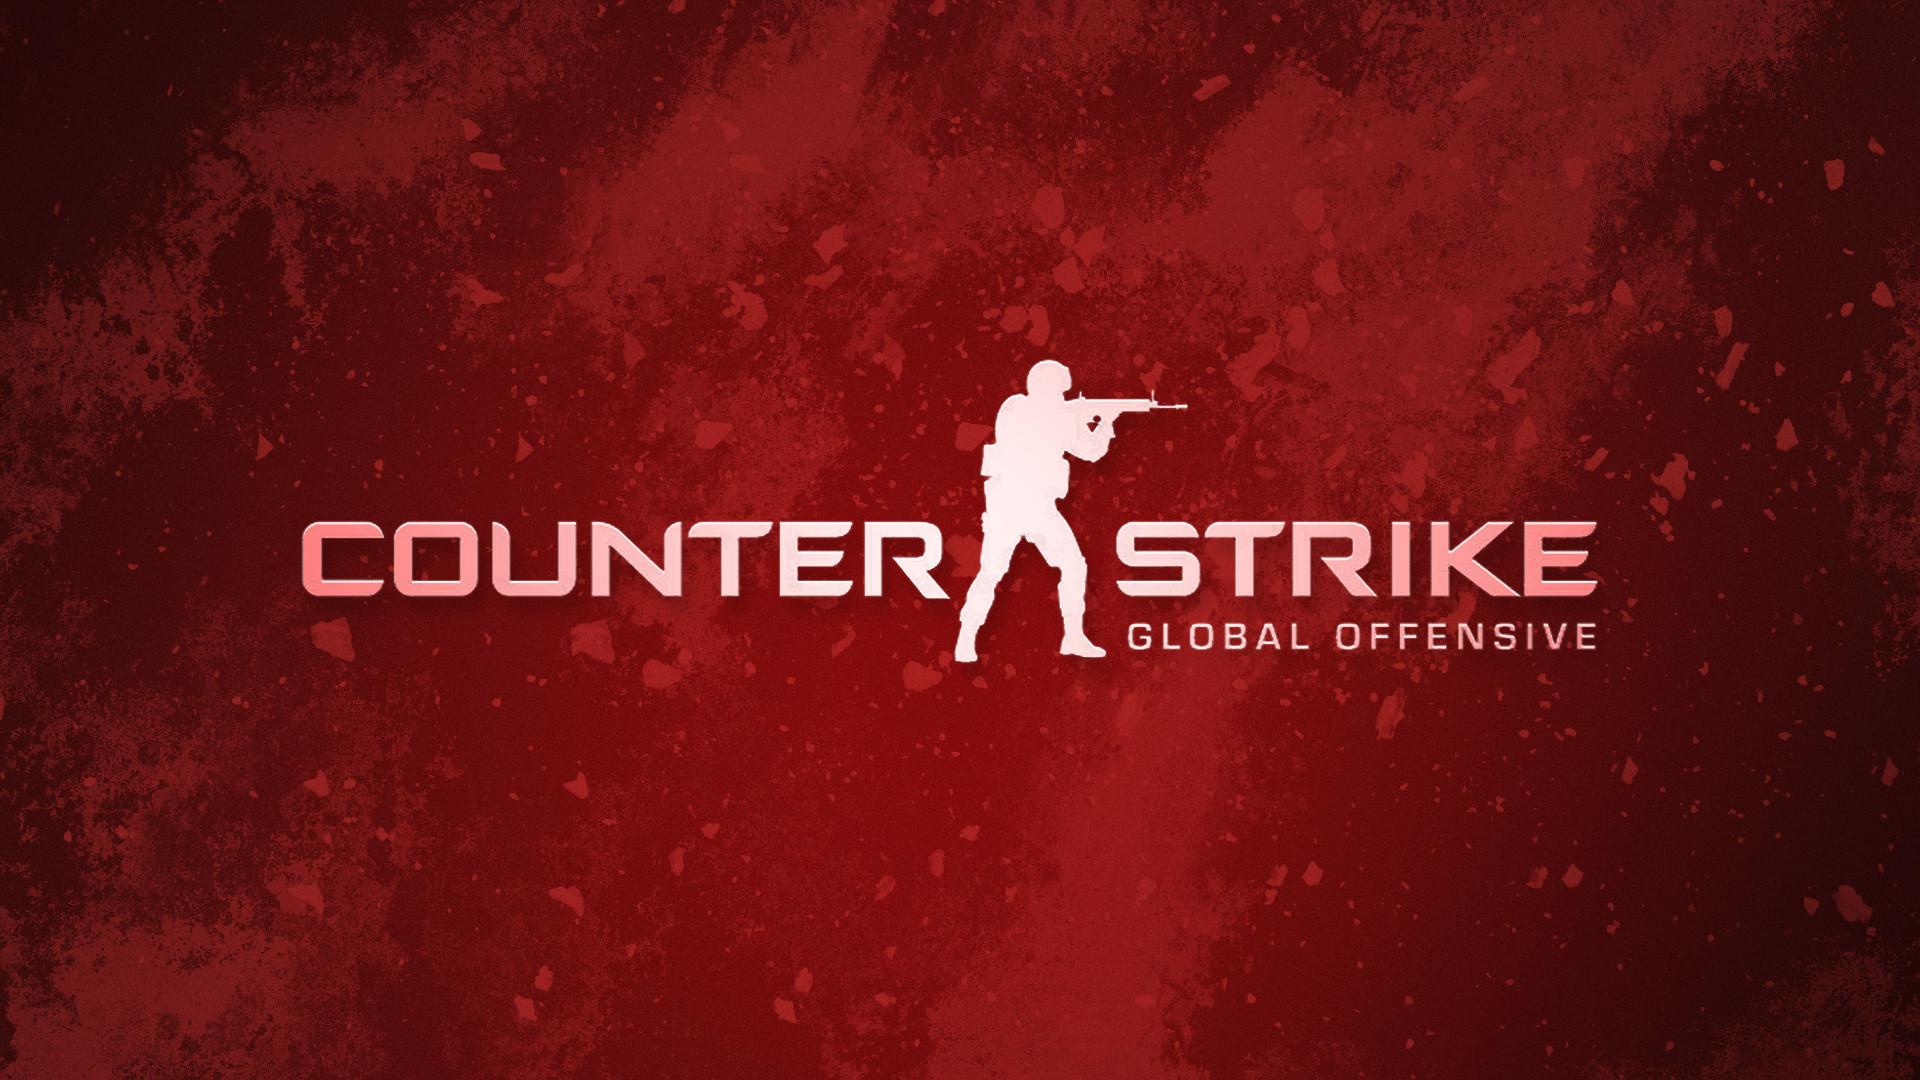 Alpha Coders Wallpaper Abyss Przeglądaj Kolecję Counter Strike Gry